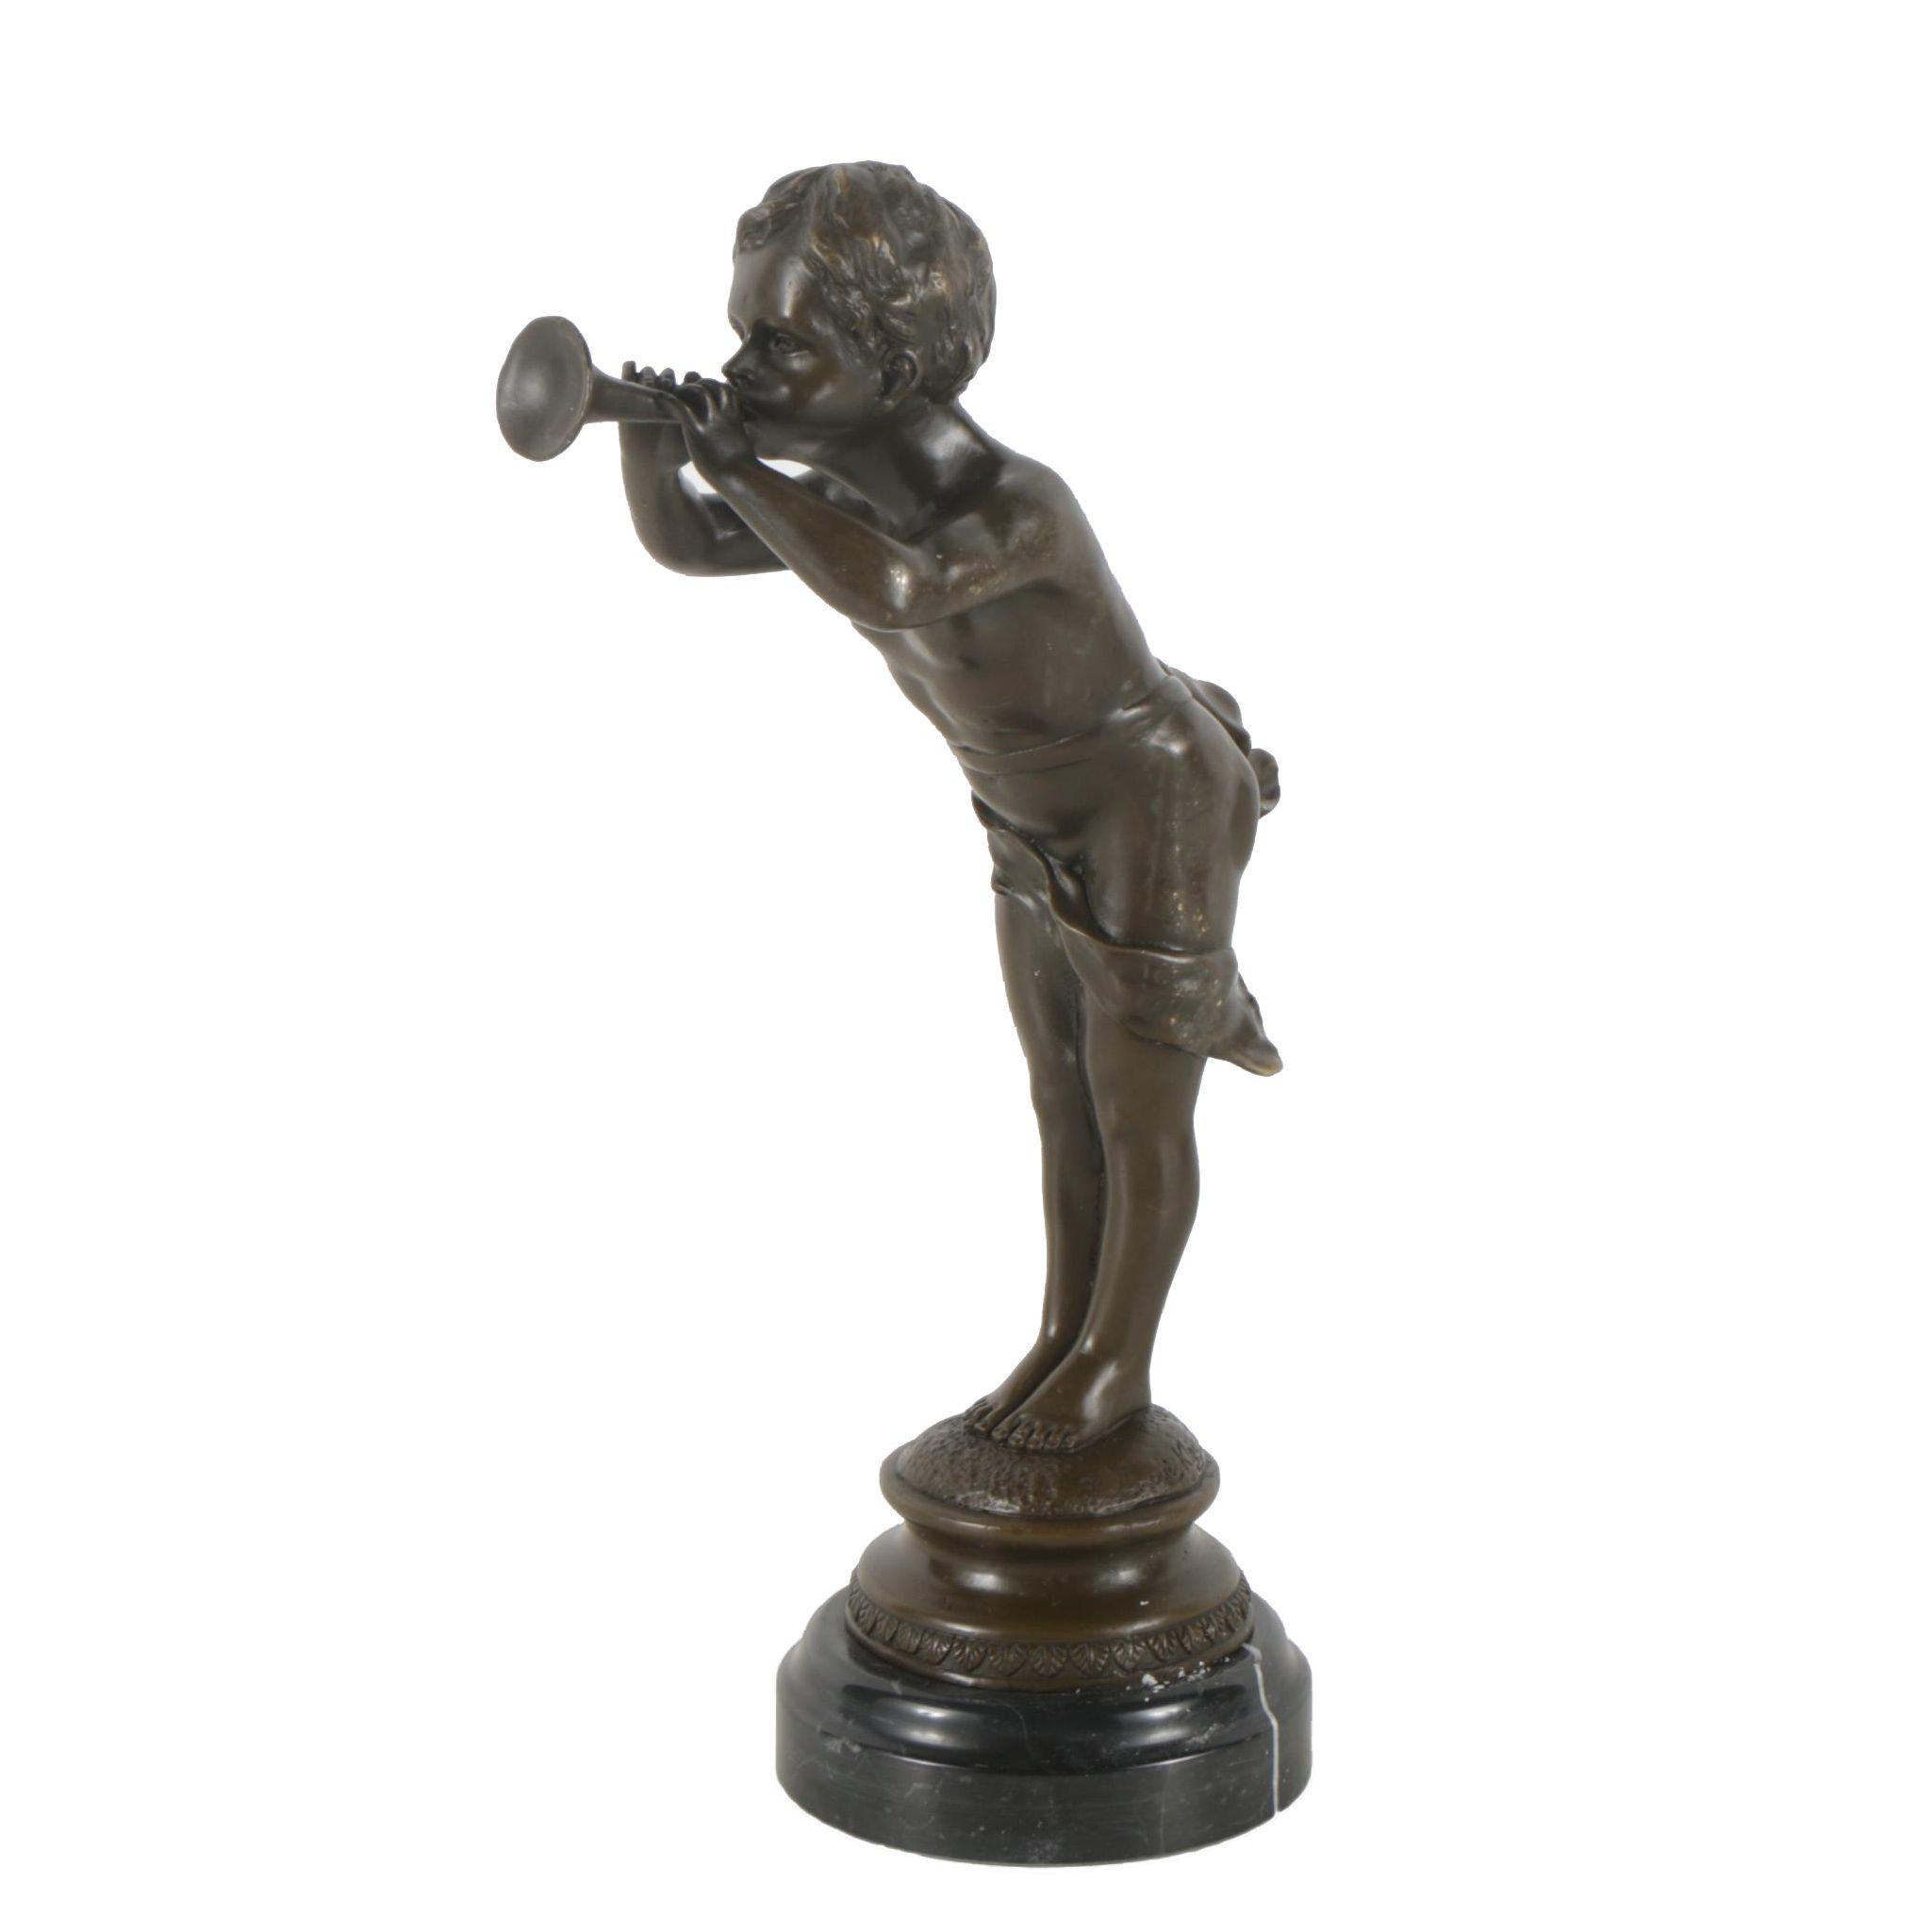 Brass Sculpture after Louis Kley